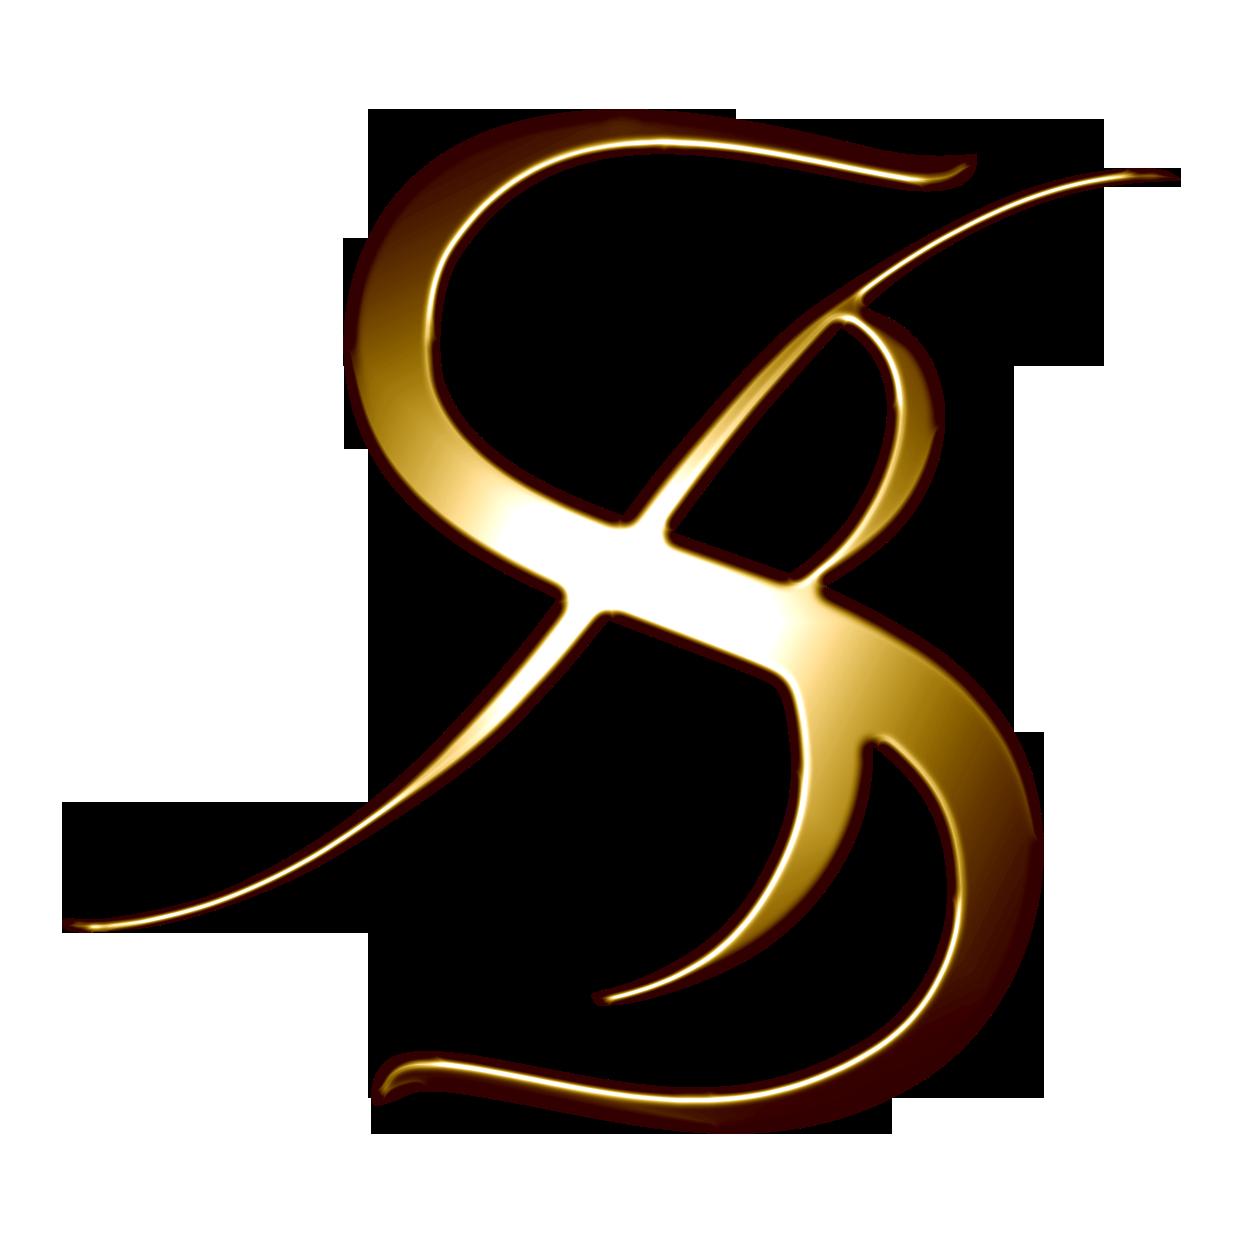 kancelaria_logo_2